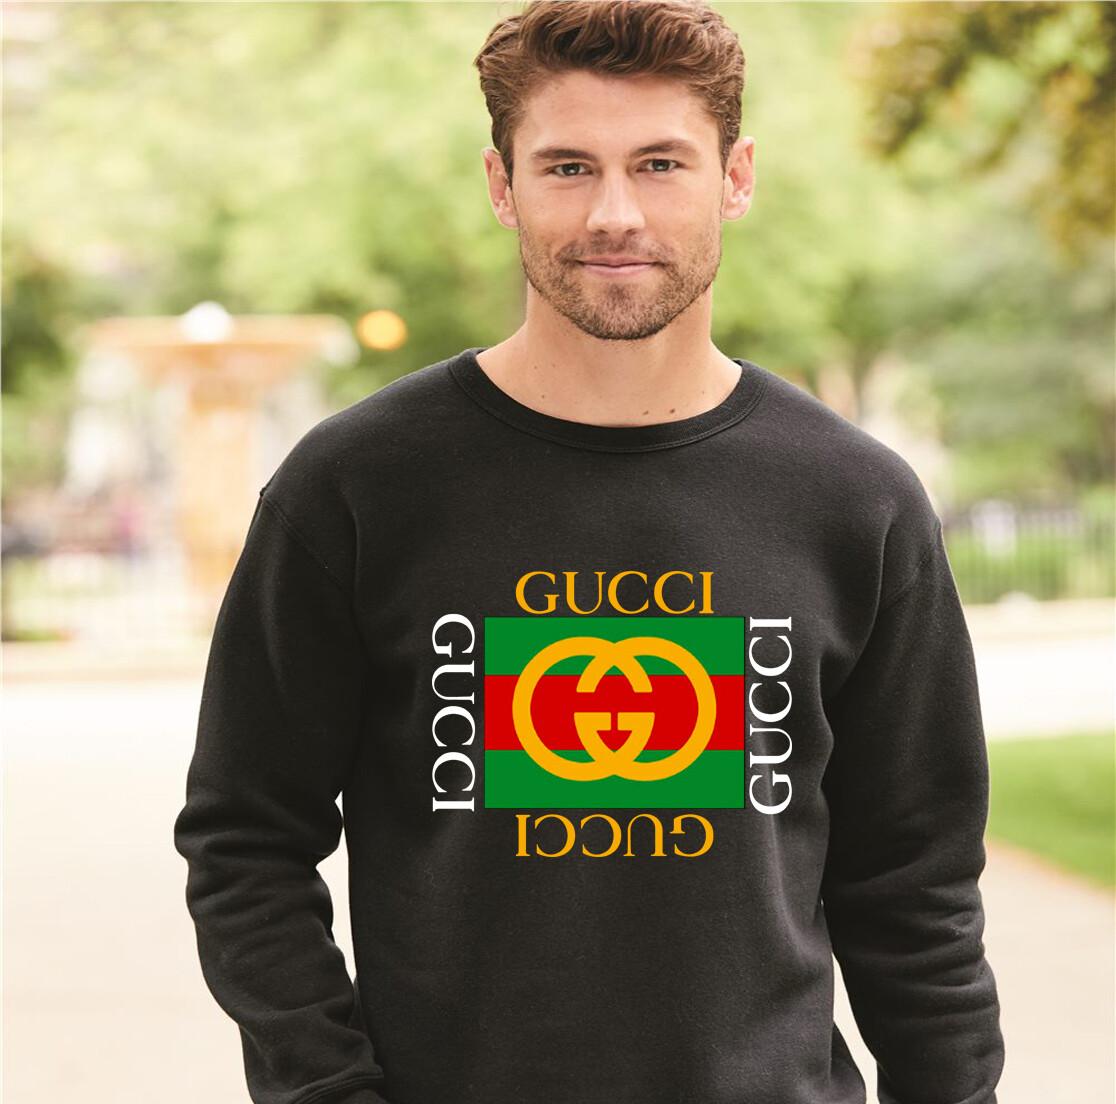 T-Shirt Shirt Men Shirt Women Shirt Kids Clothing Fashion T Shirt Birthday Gift T shirt Fashion shirt Hoodie Sweatshirt